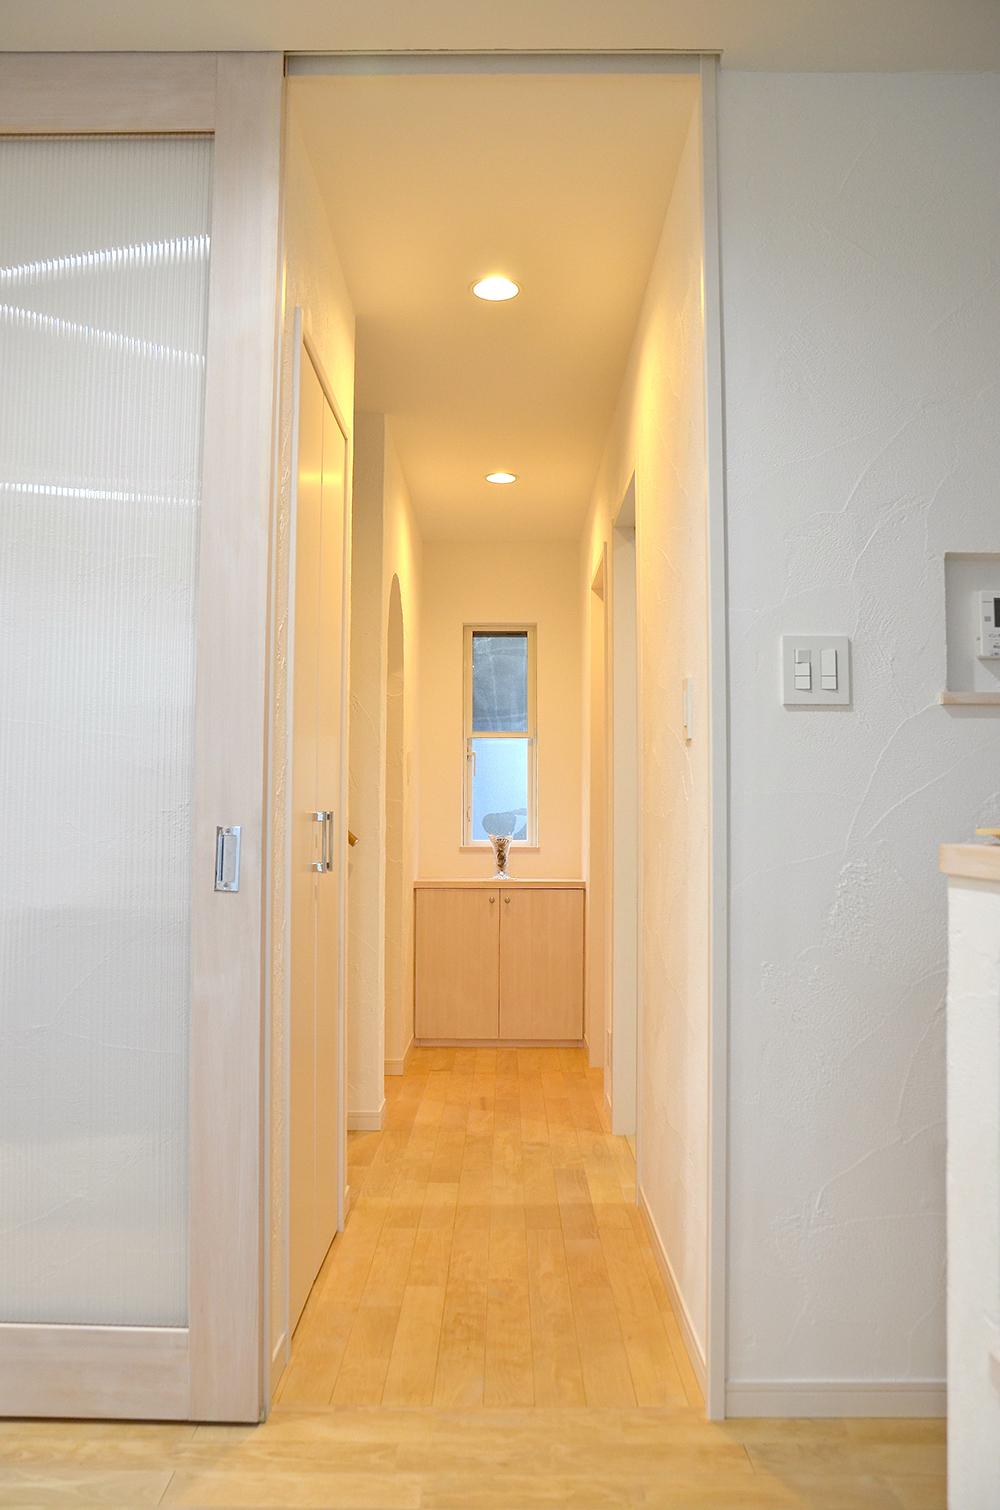 シンプルな平屋の動線、白を基調としたシンプルな廊下まわり